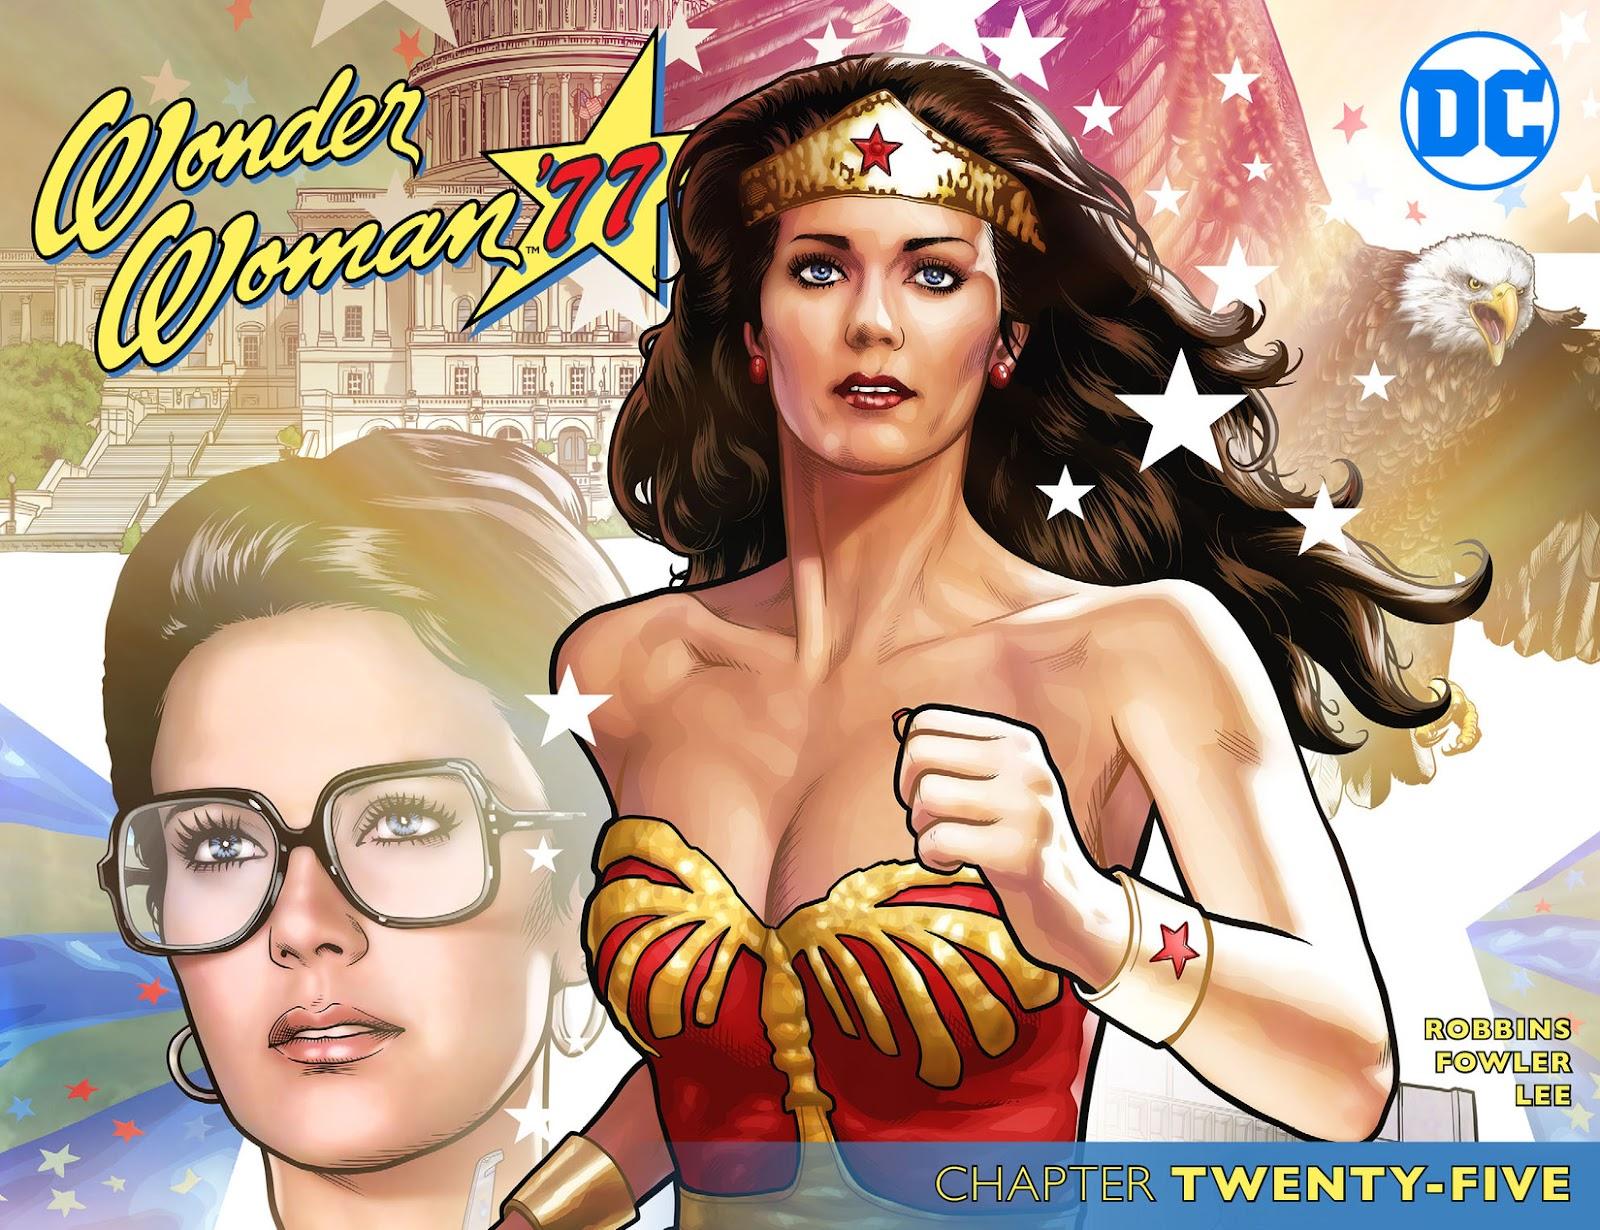 Wonder Woman 77 [I] 25 Page 1